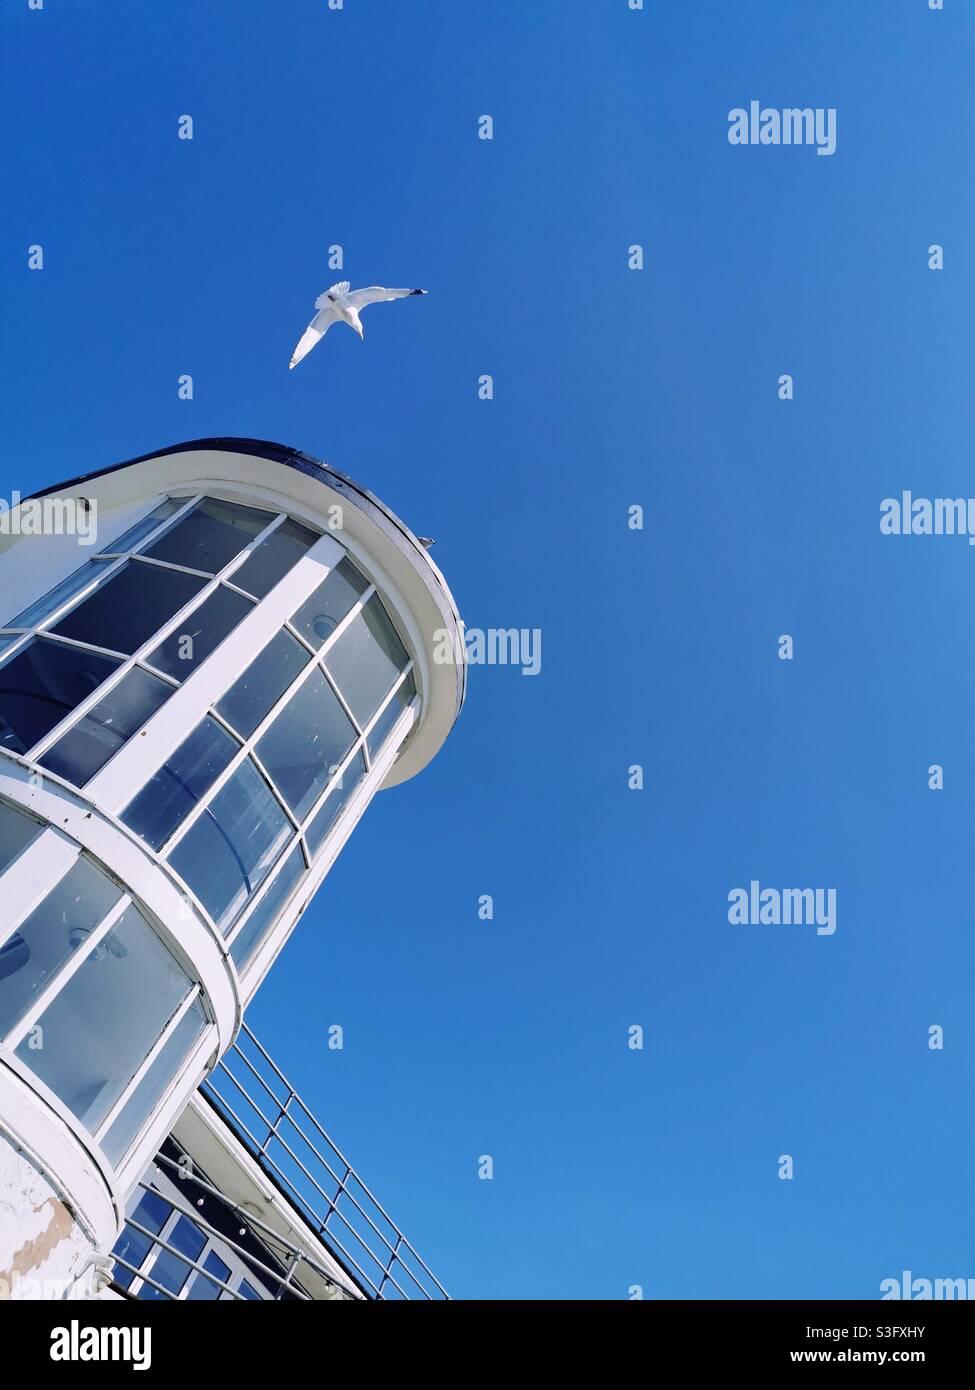 Weißer Turm und Möwe gegen blauen Himmel Stockfoto